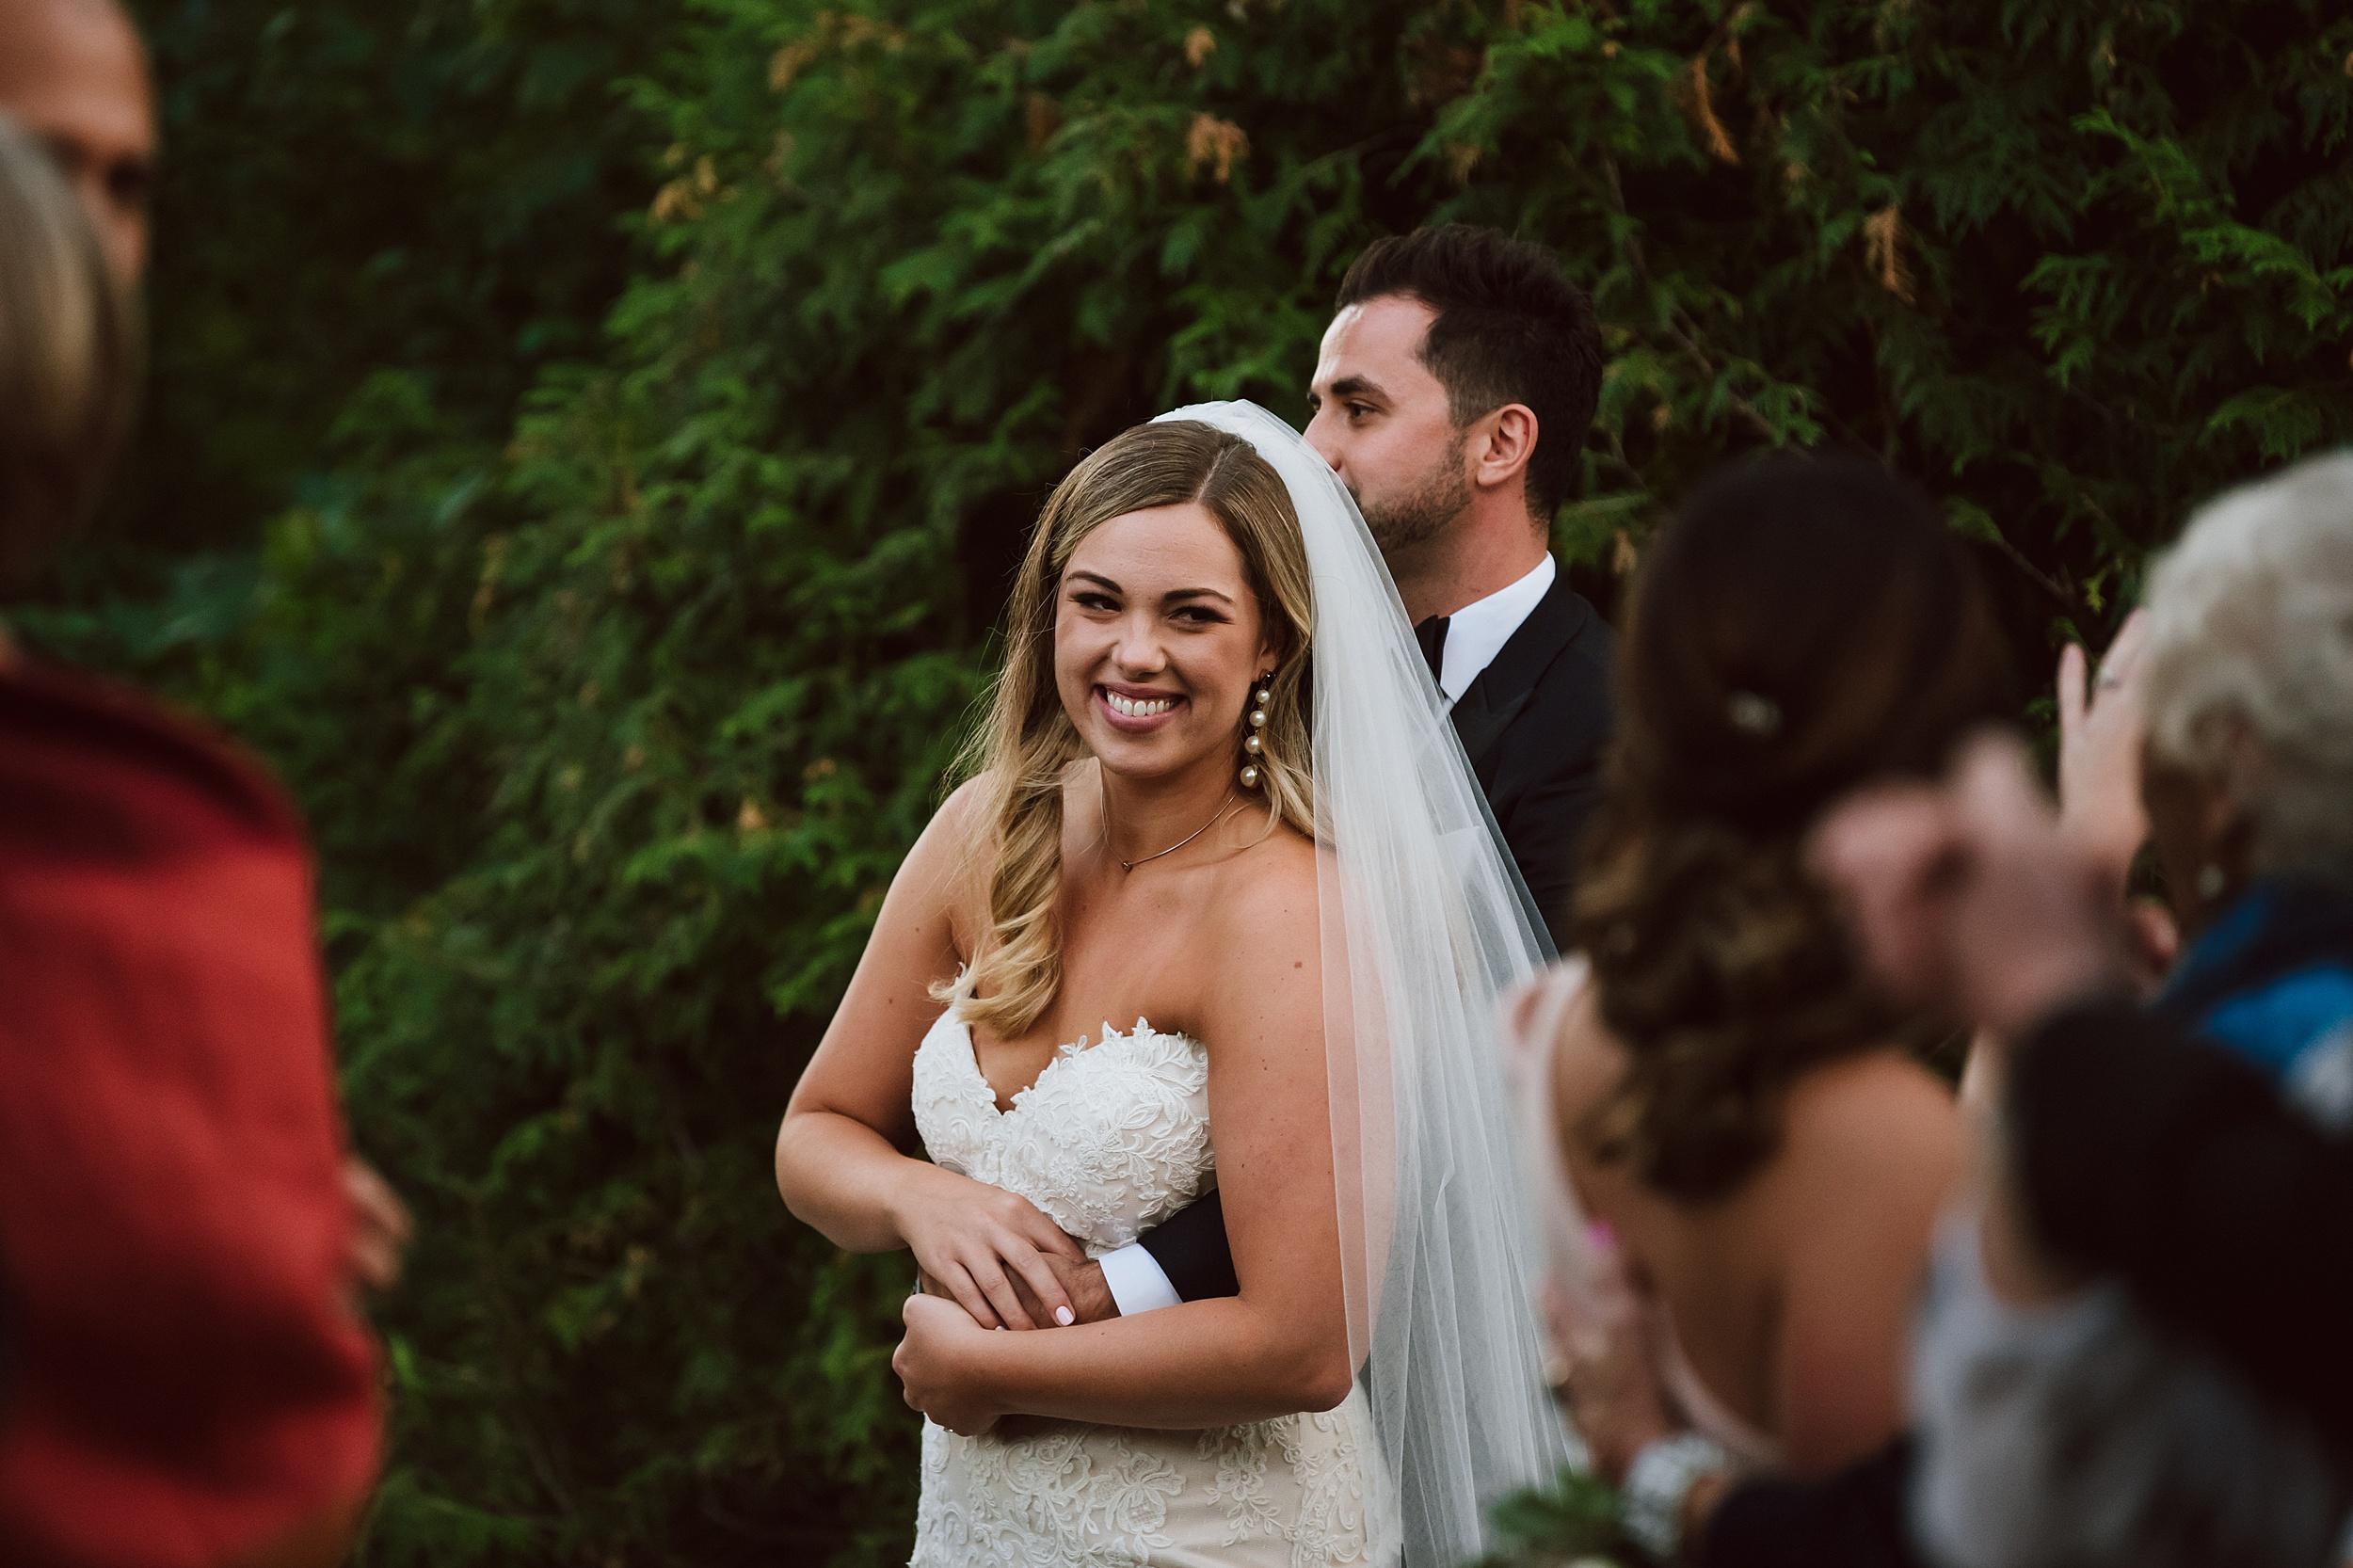 Rustic_Backyard_Wedding_Toronto_Photographer136.jpg